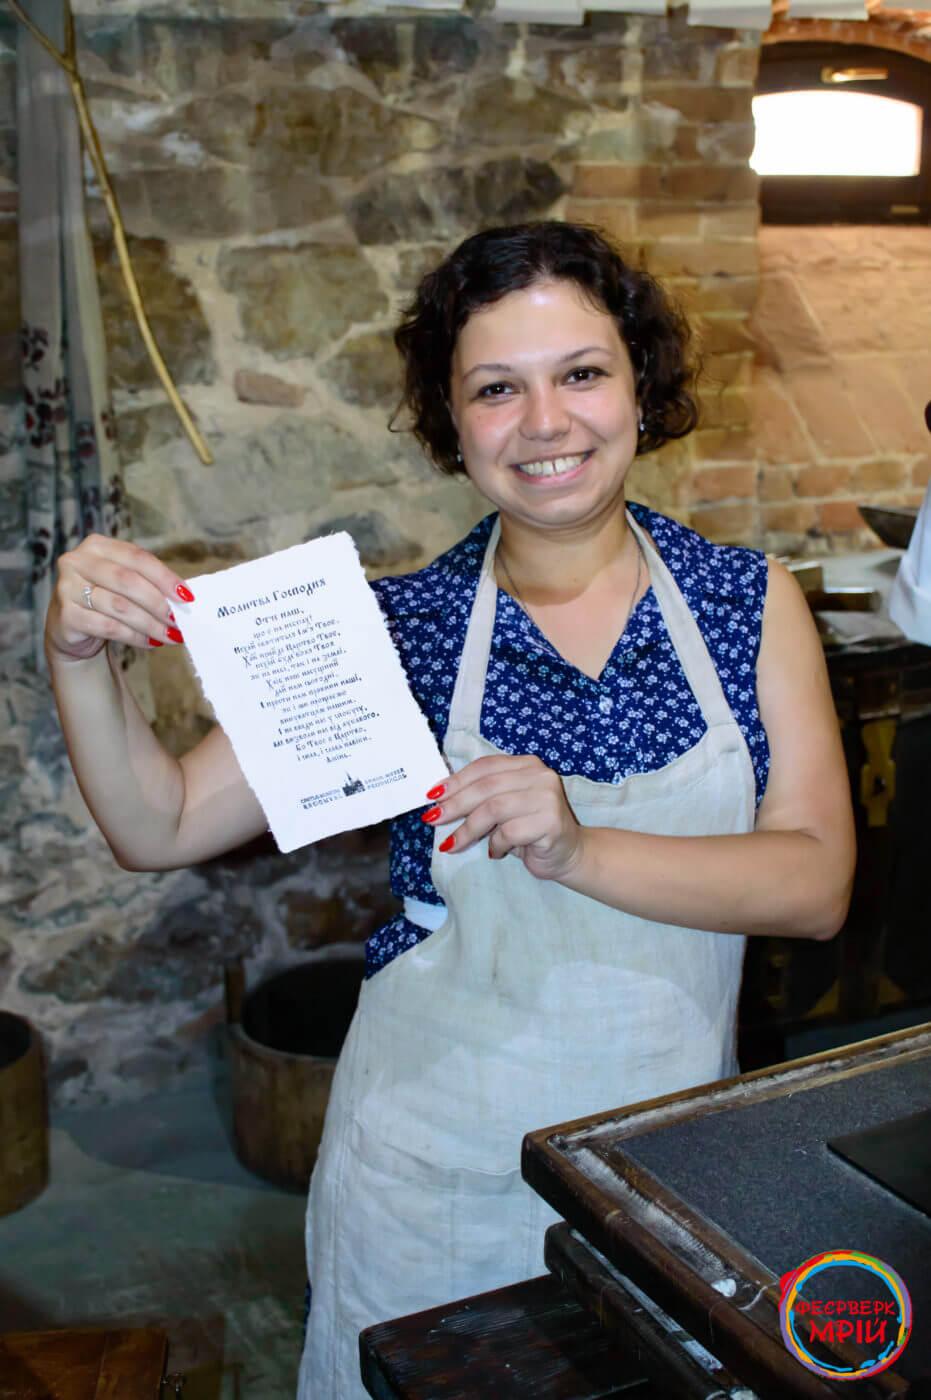 Анна Шендрик з власноруч виготовленим аркушем паперу